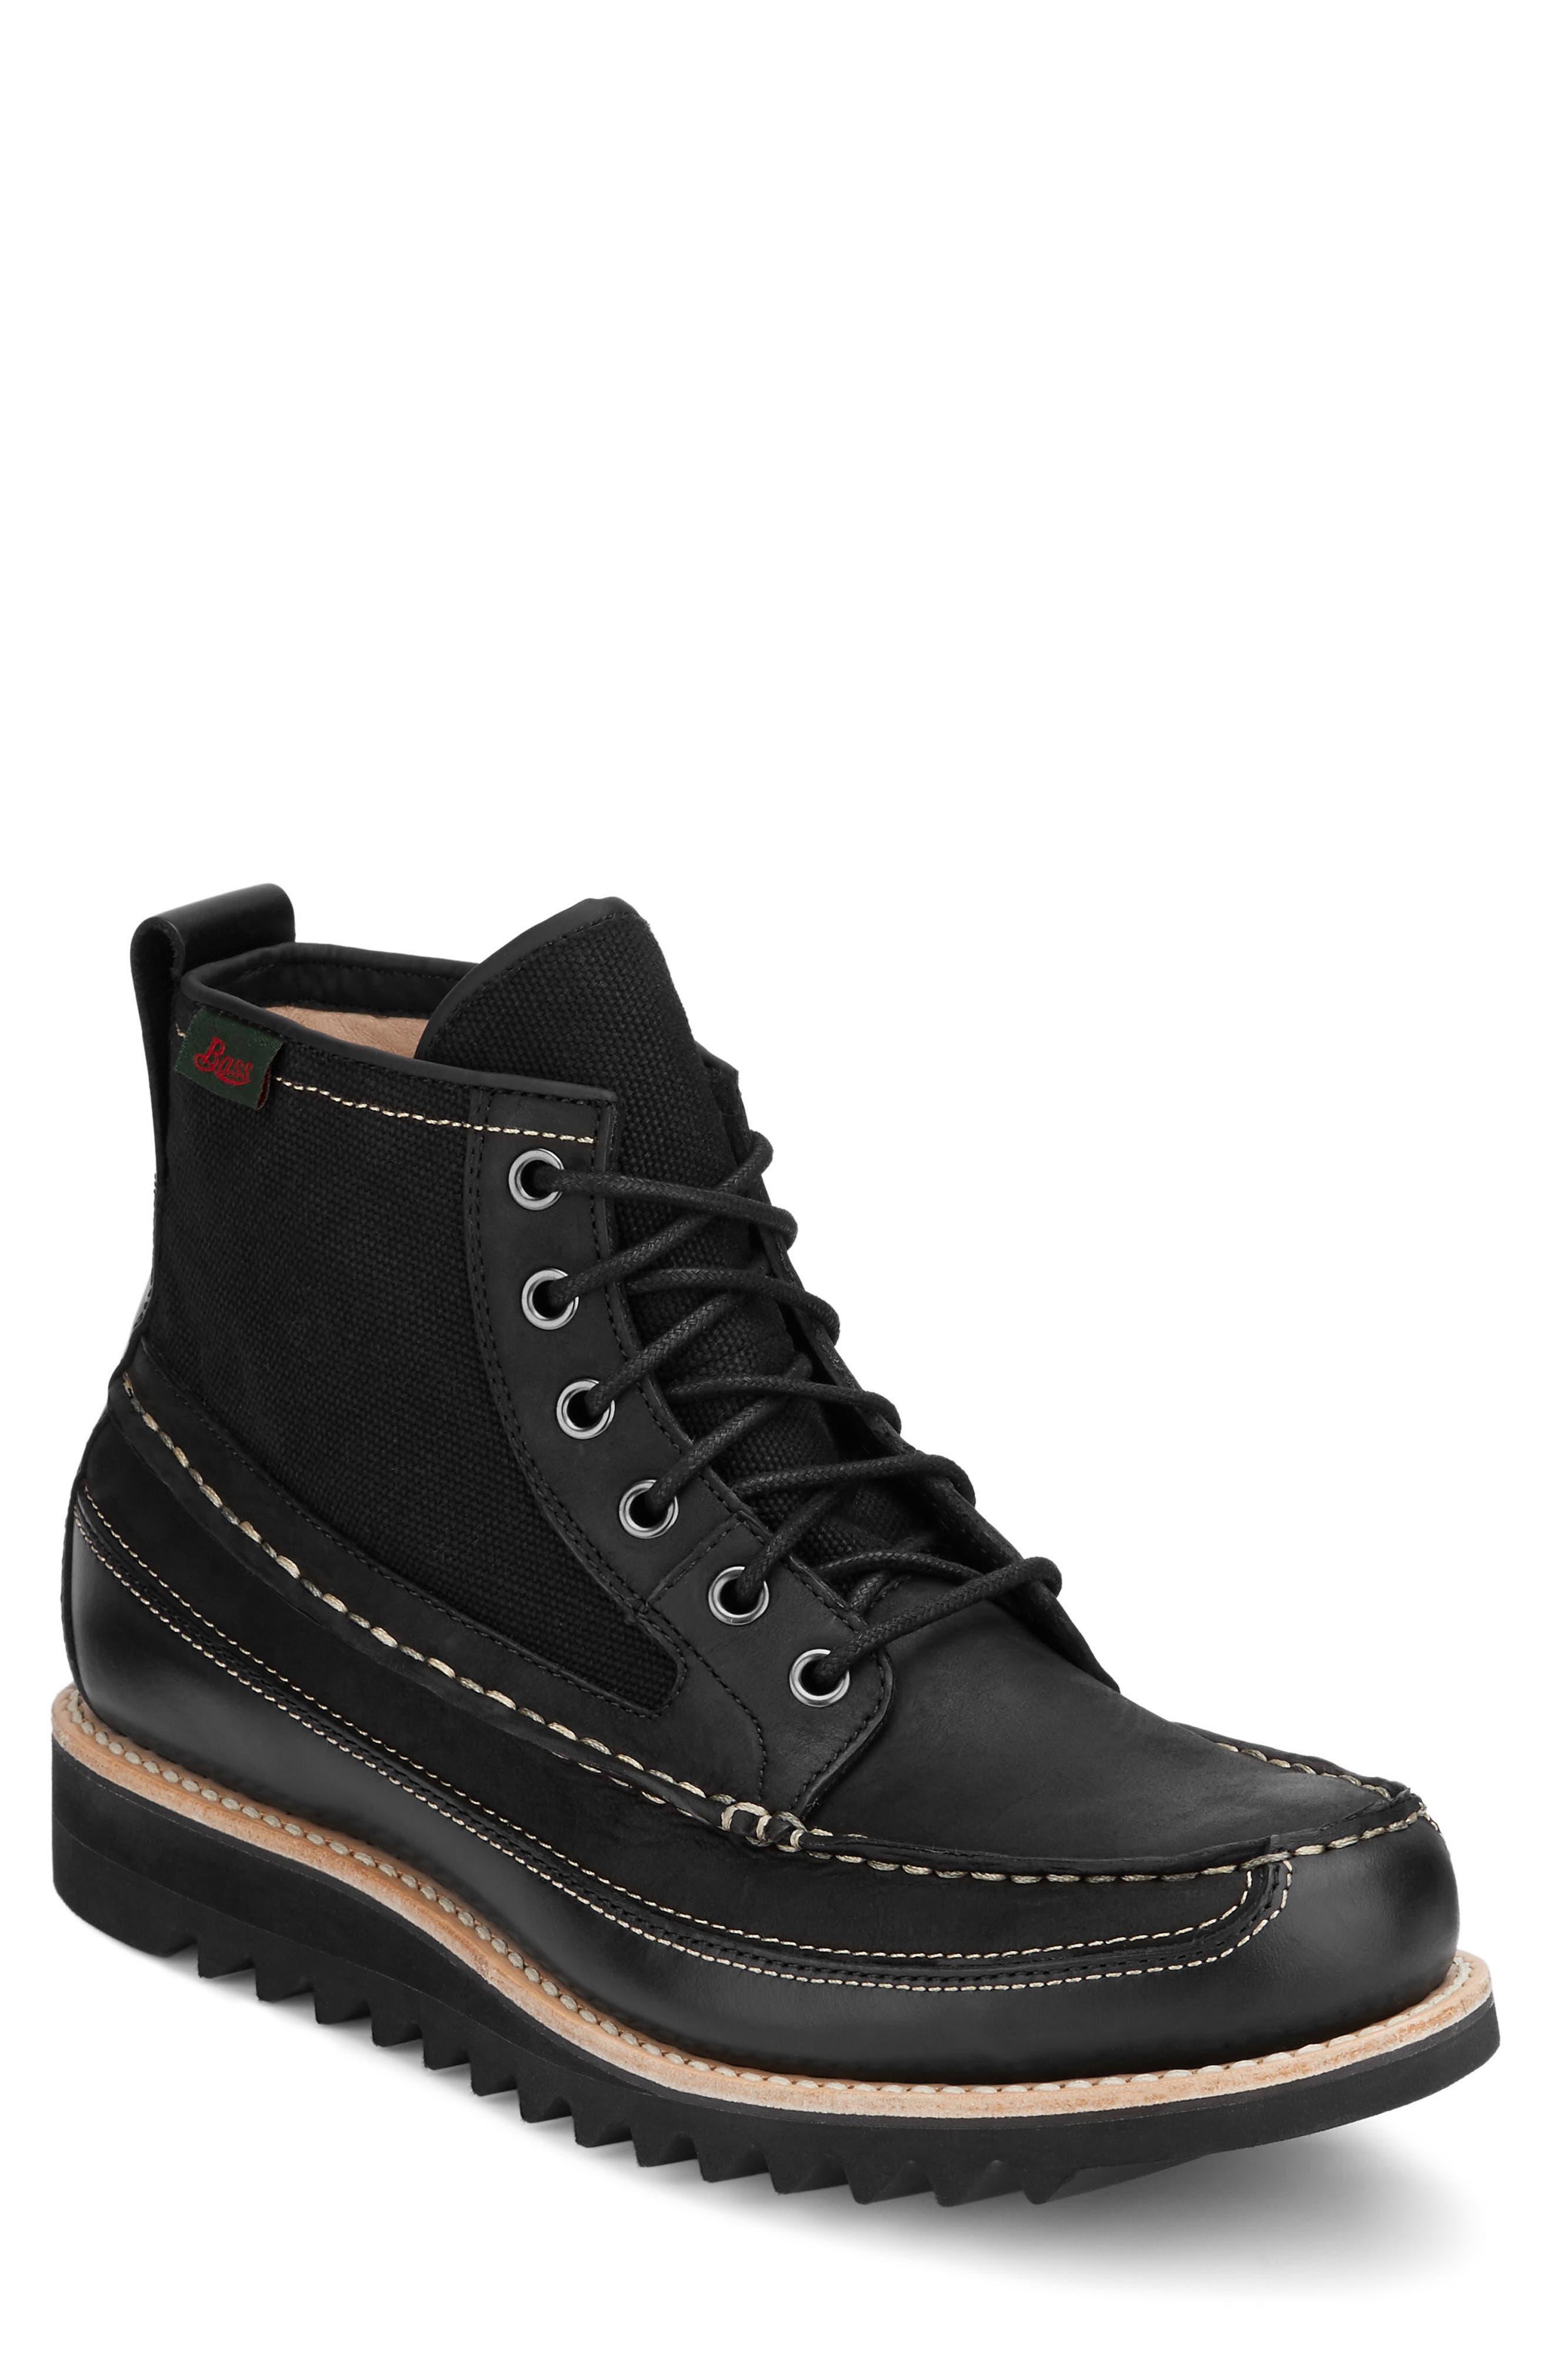 Nickson Razor Moc Toe Boot,                             Main thumbnail 1, color,                             Black